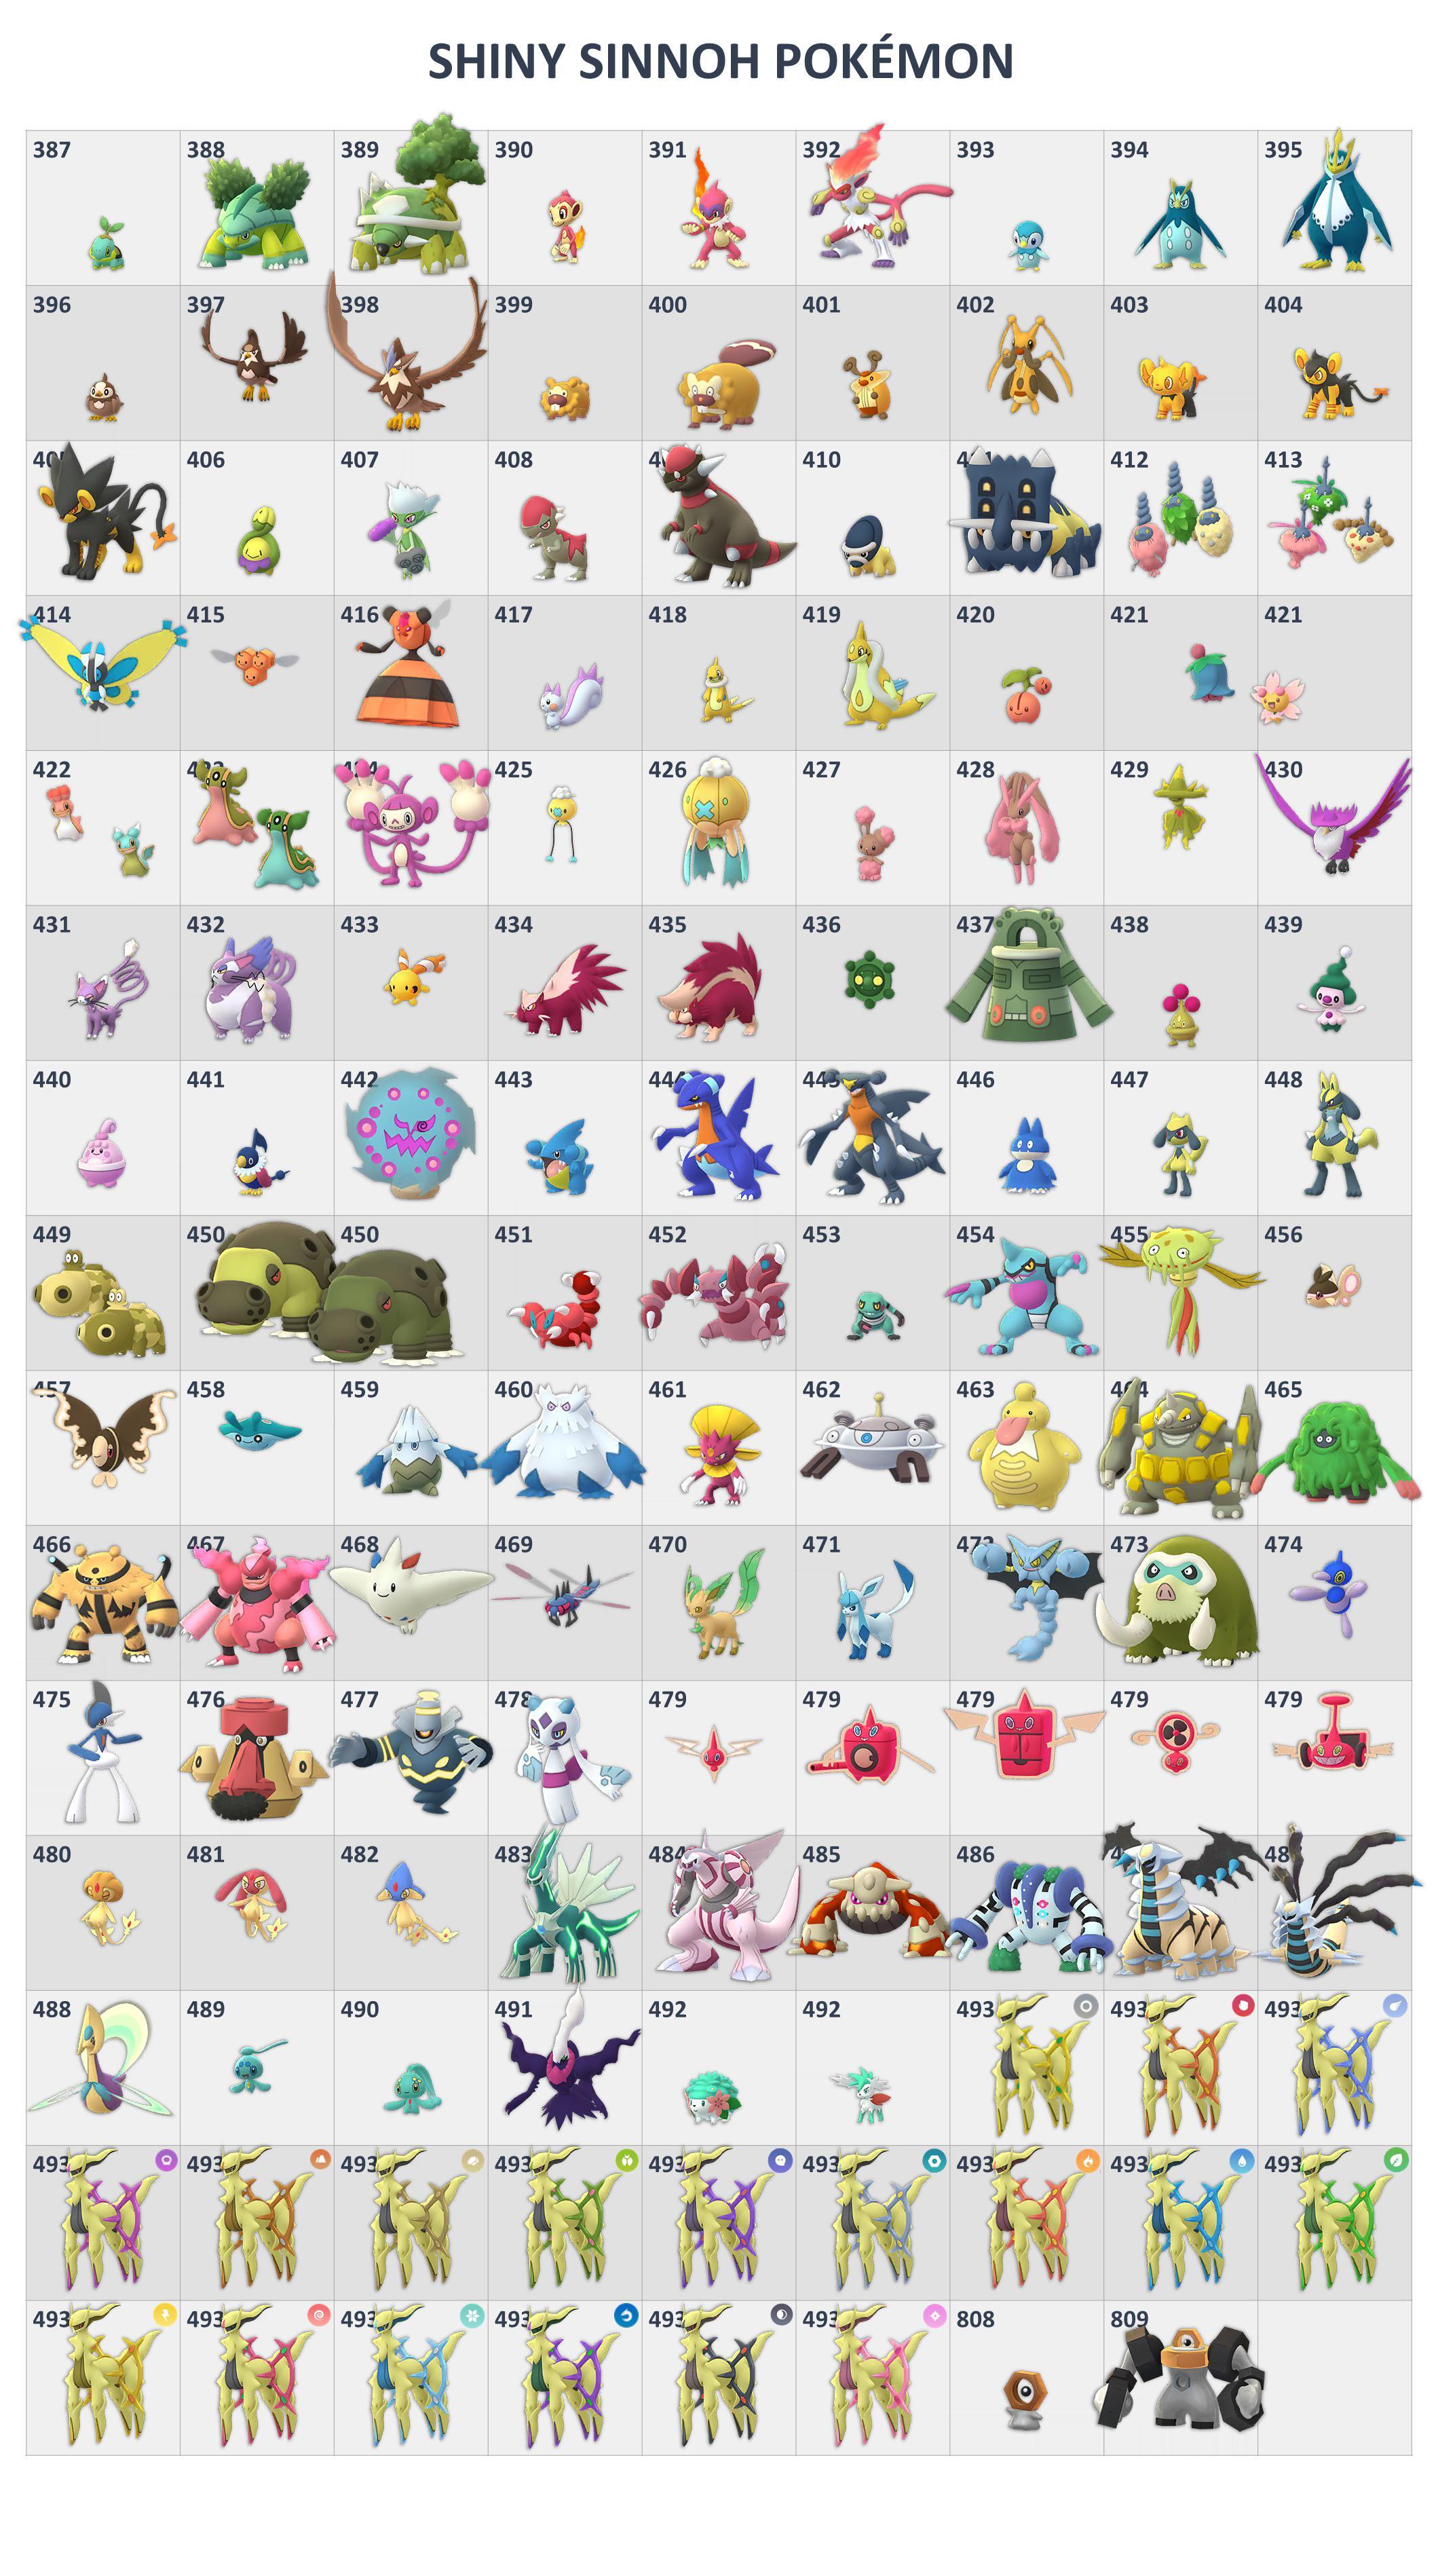 A Look At Shiny Sinnoh Pokemon | Pokemon GO Hub